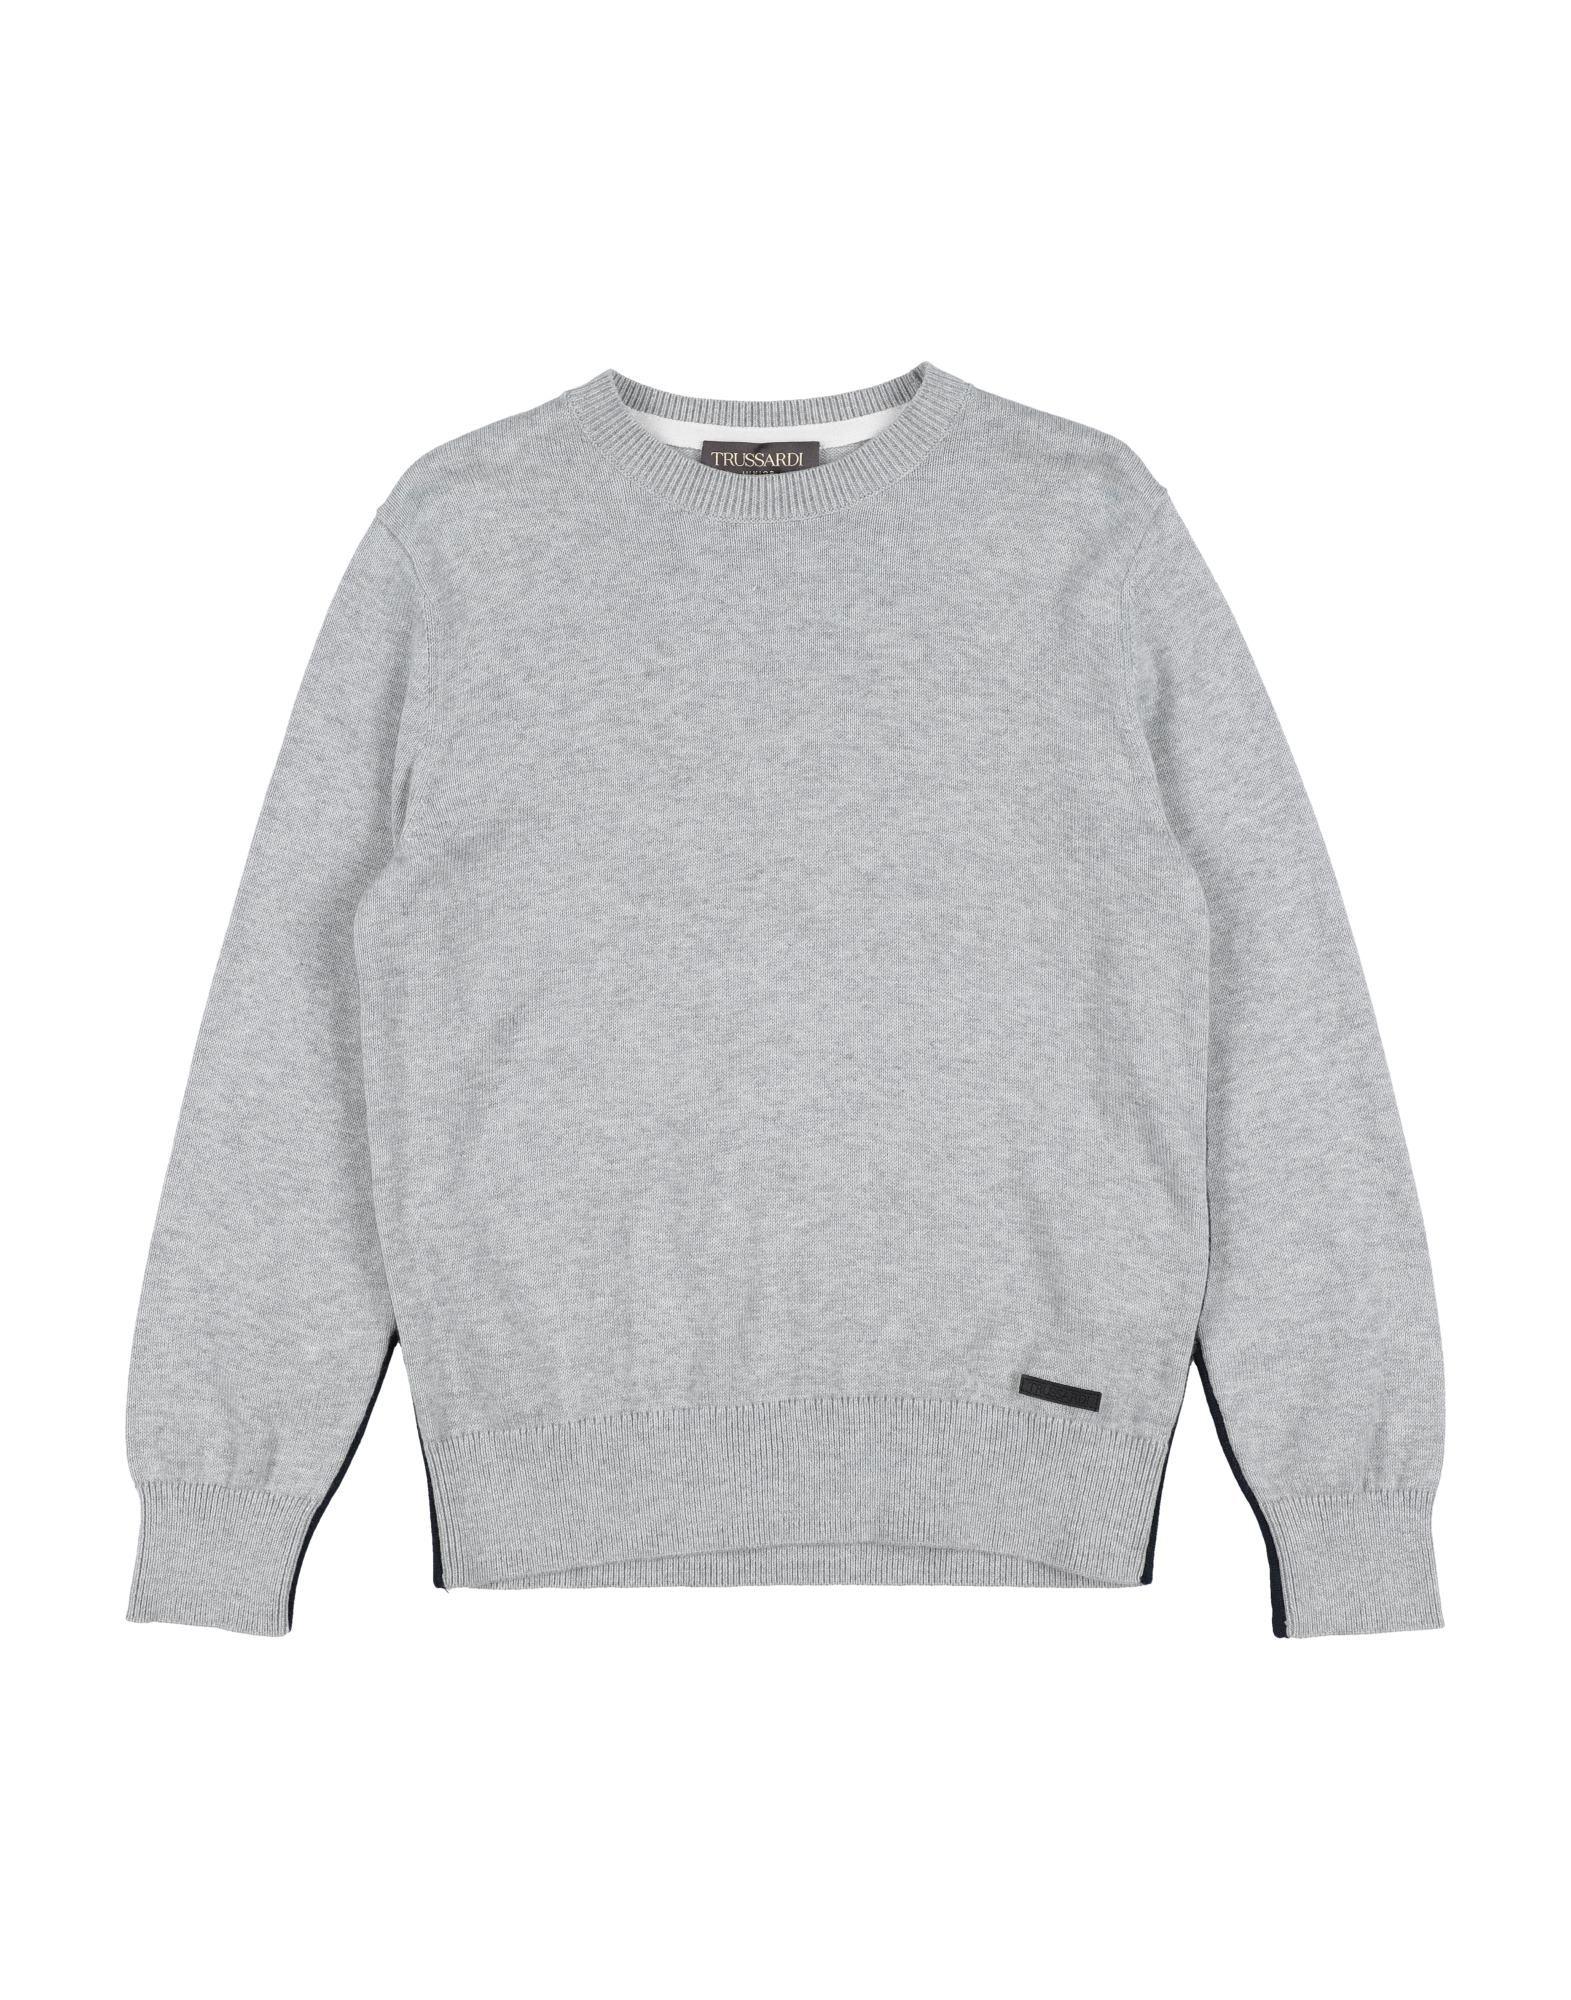 TRUSSARDI JUNIOR Sweaters - Item 14015032